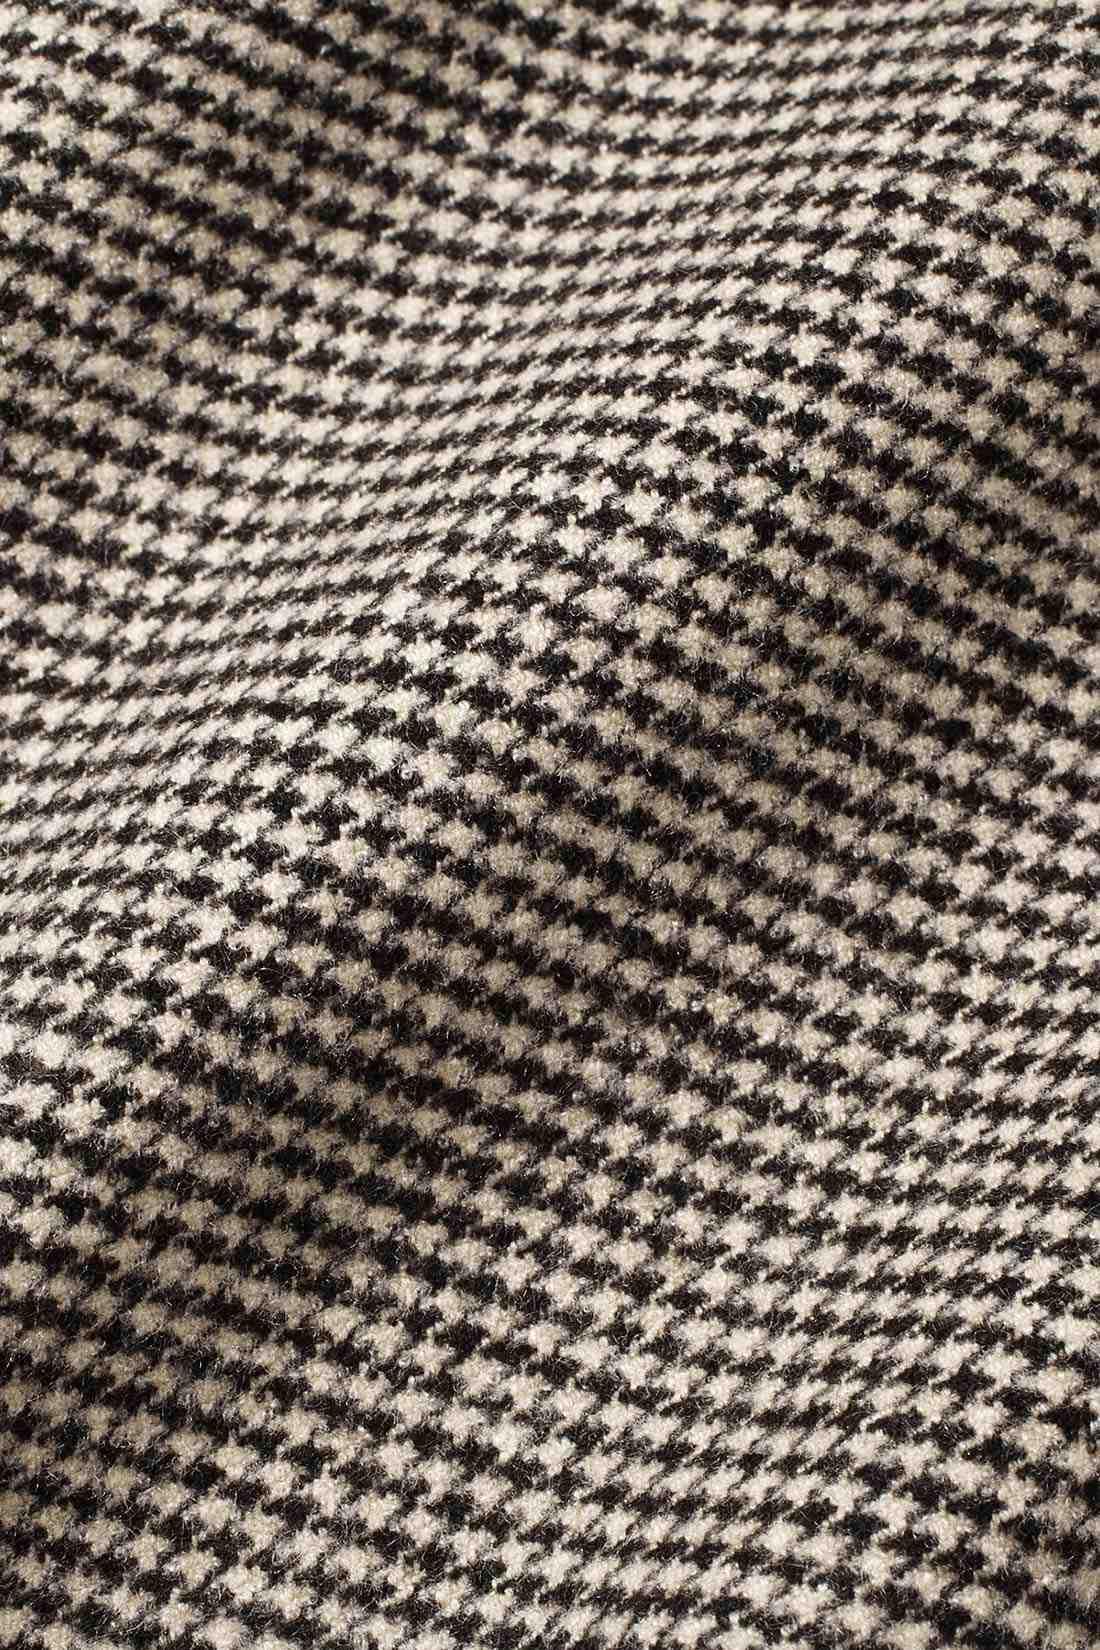 厚すぎず暖かなウール調起毛素材。ストレッチのきいた素材で動きやすさも抜群。